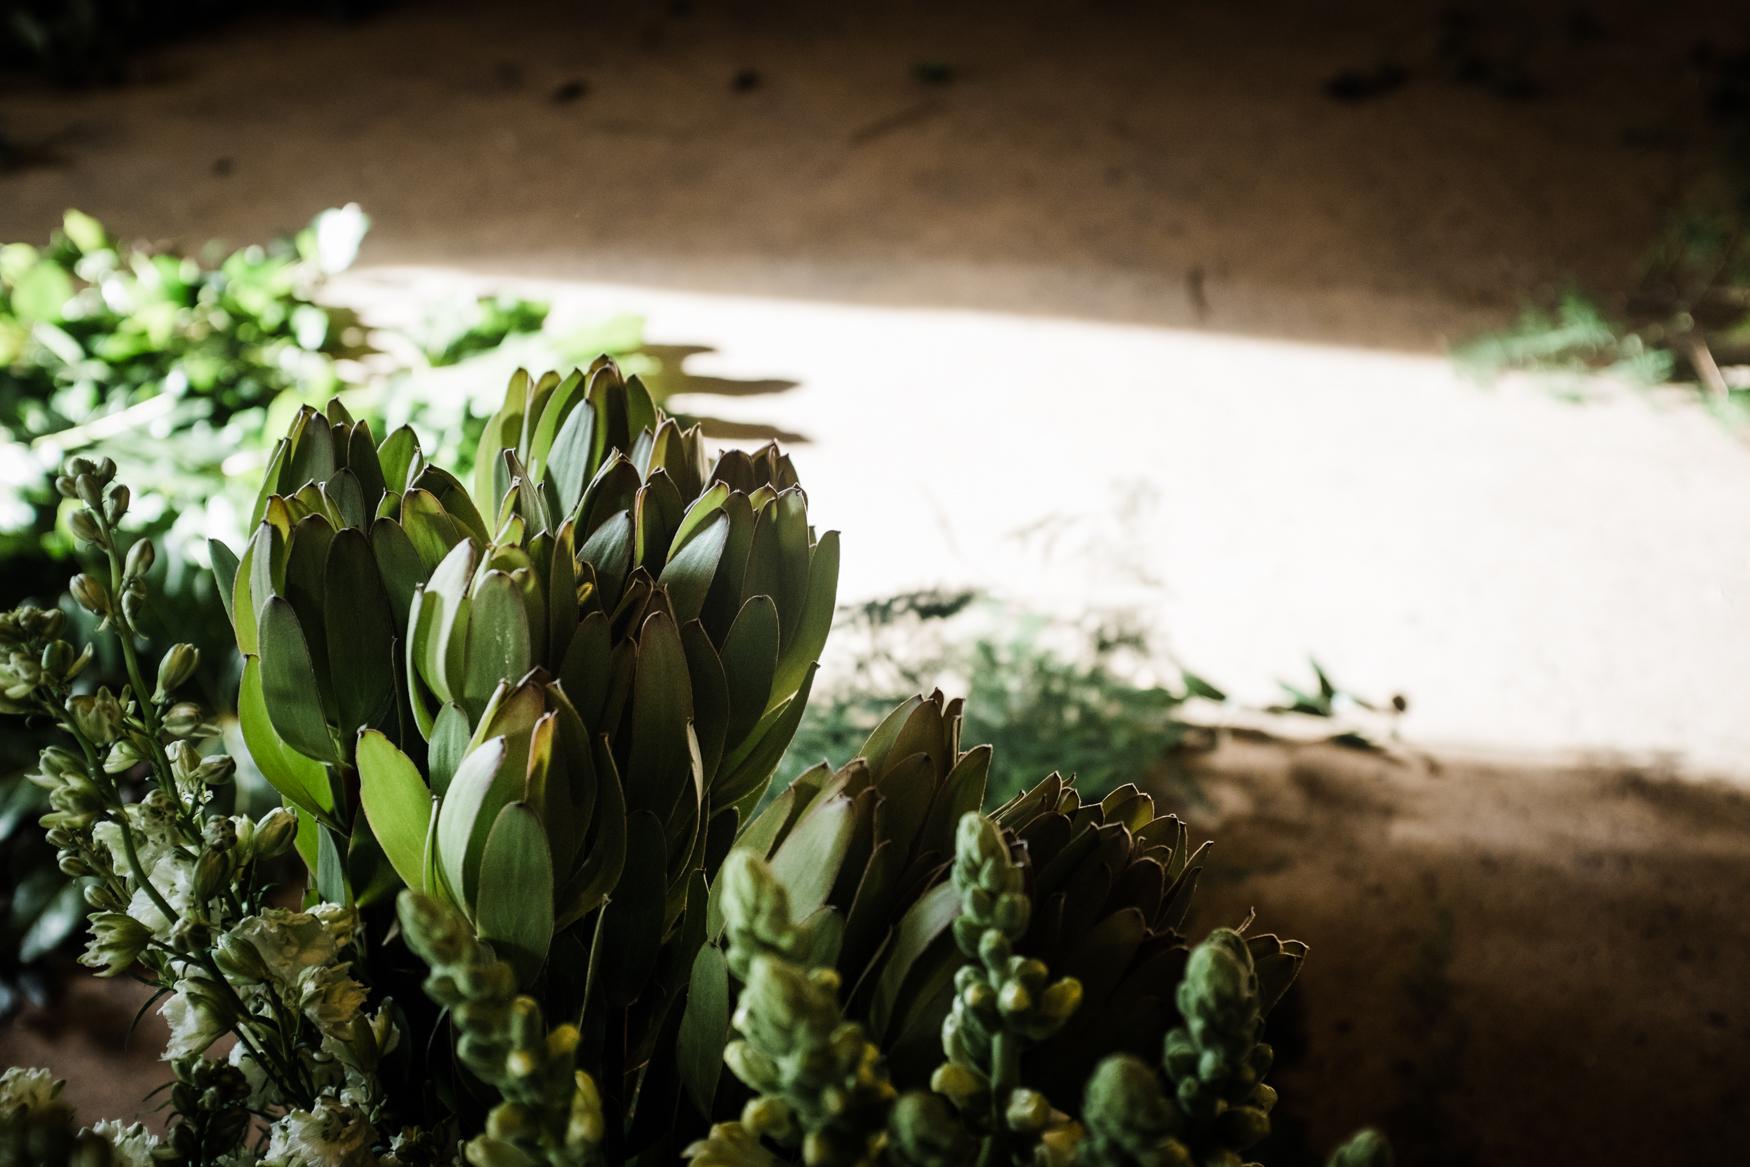 Alex-Sedgmond-Photography-Cardiff-Wales-Forbesfield-Florist-Cardiff-Rosedew-Farm-Flower-School-FFS-39.JPG